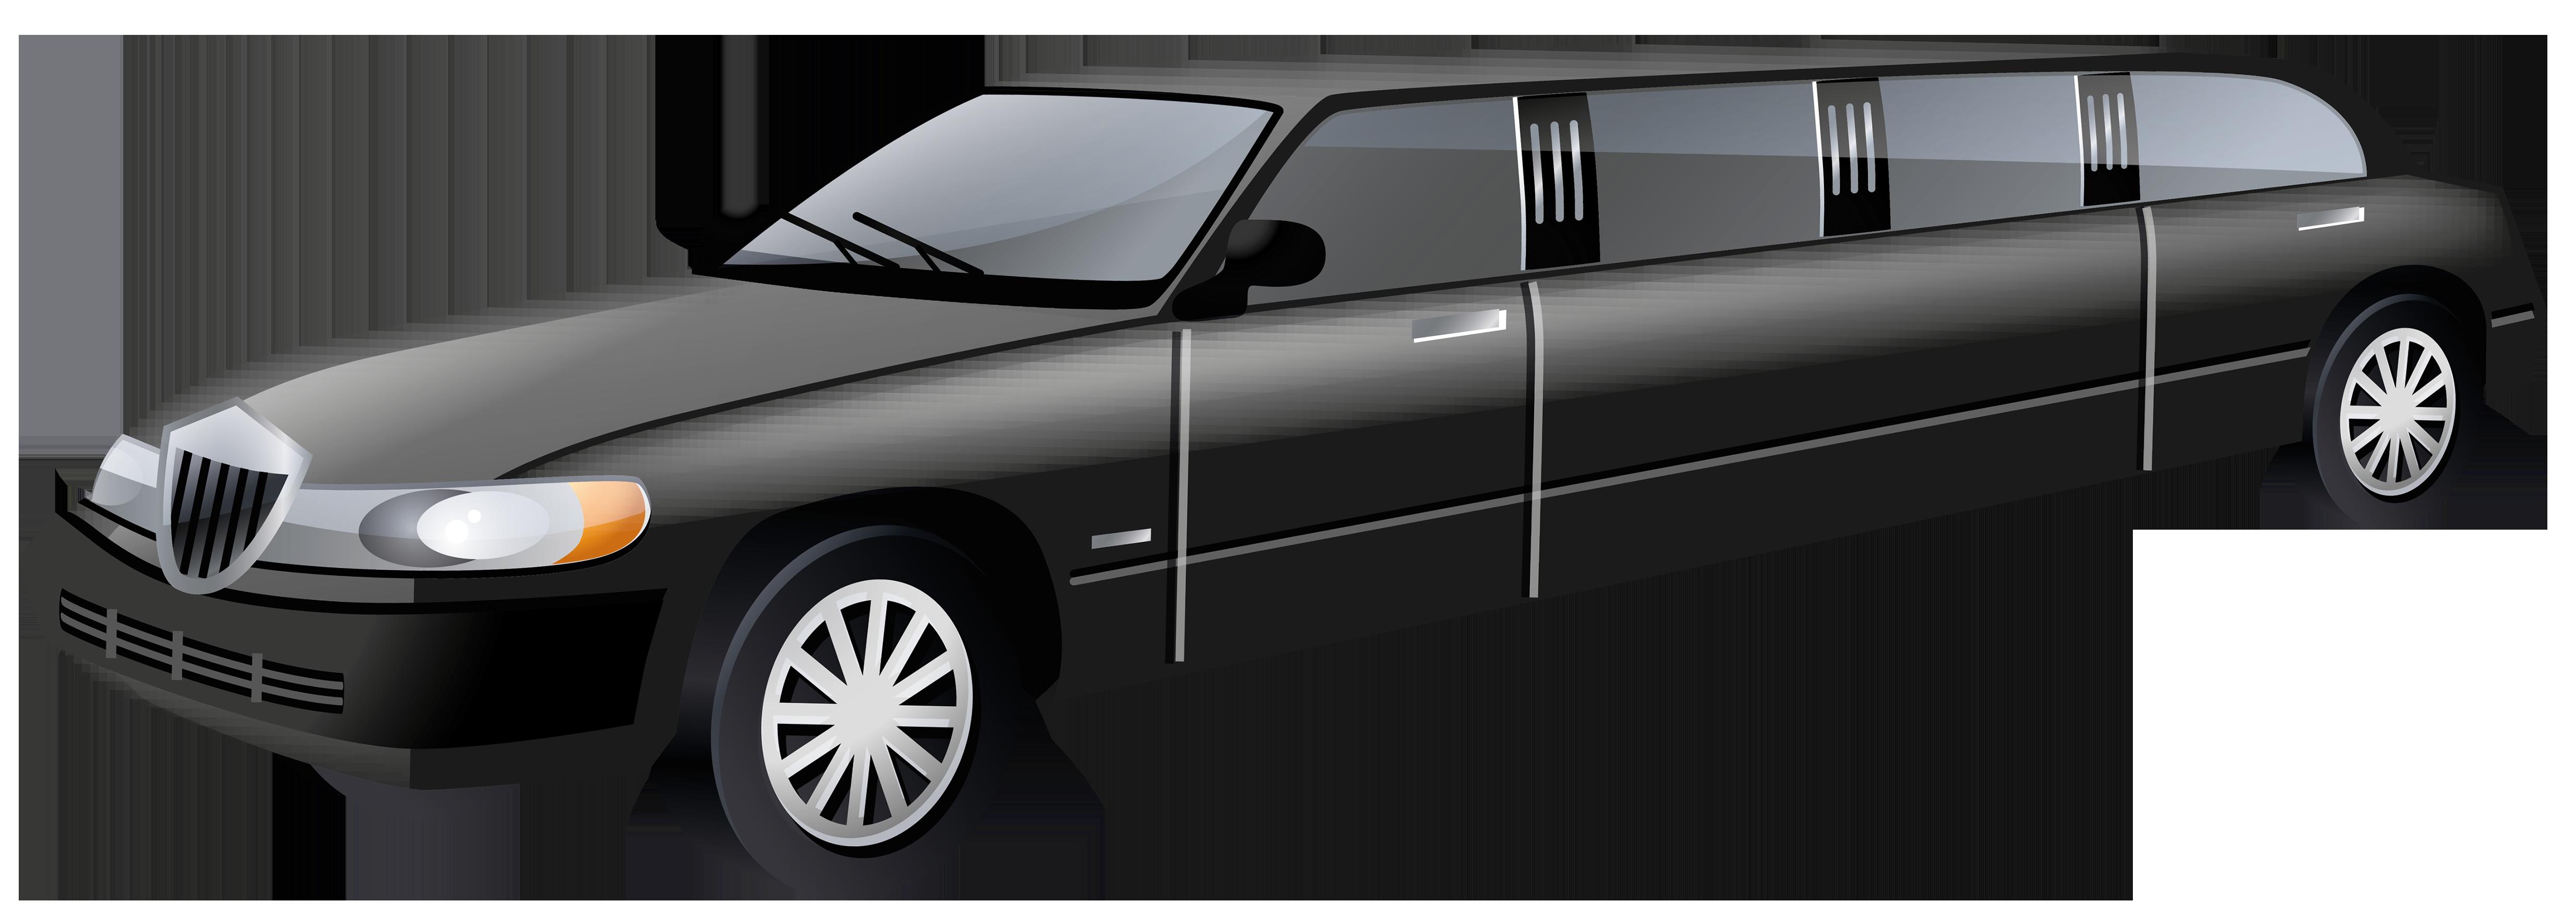 limousine car clipart #2